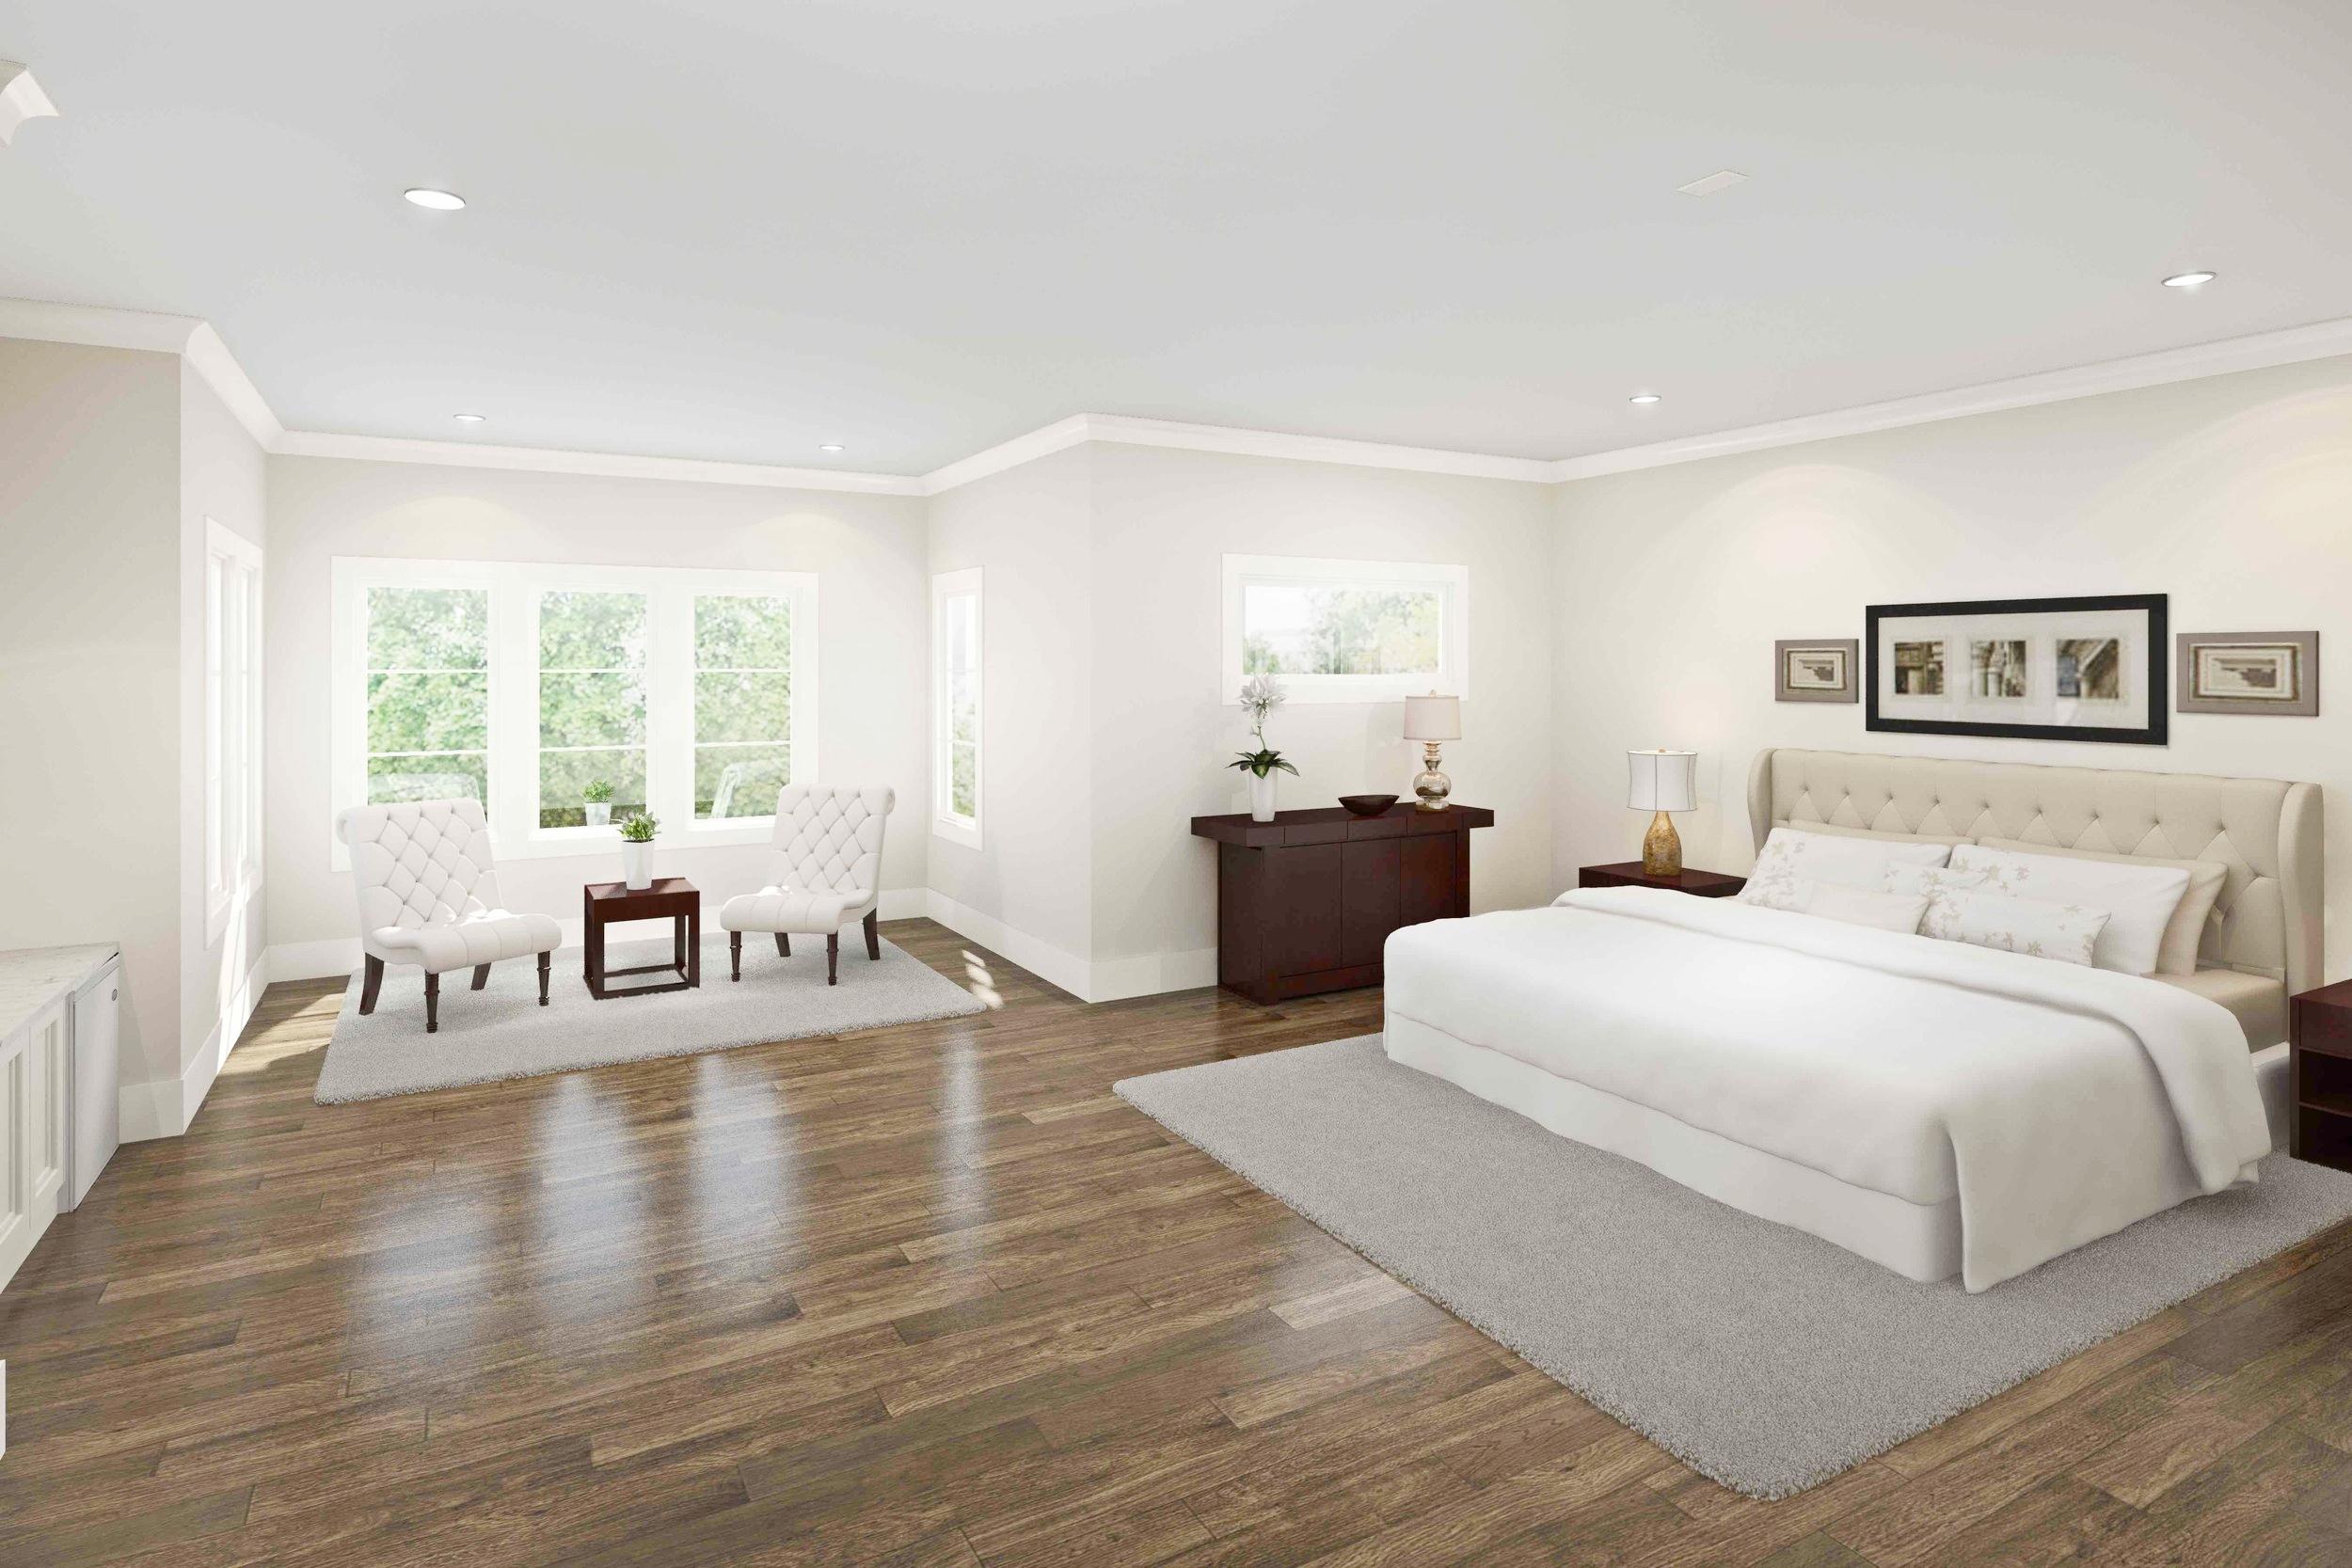 6919-Ormond Master Bedroom -05-10-2017.jpg